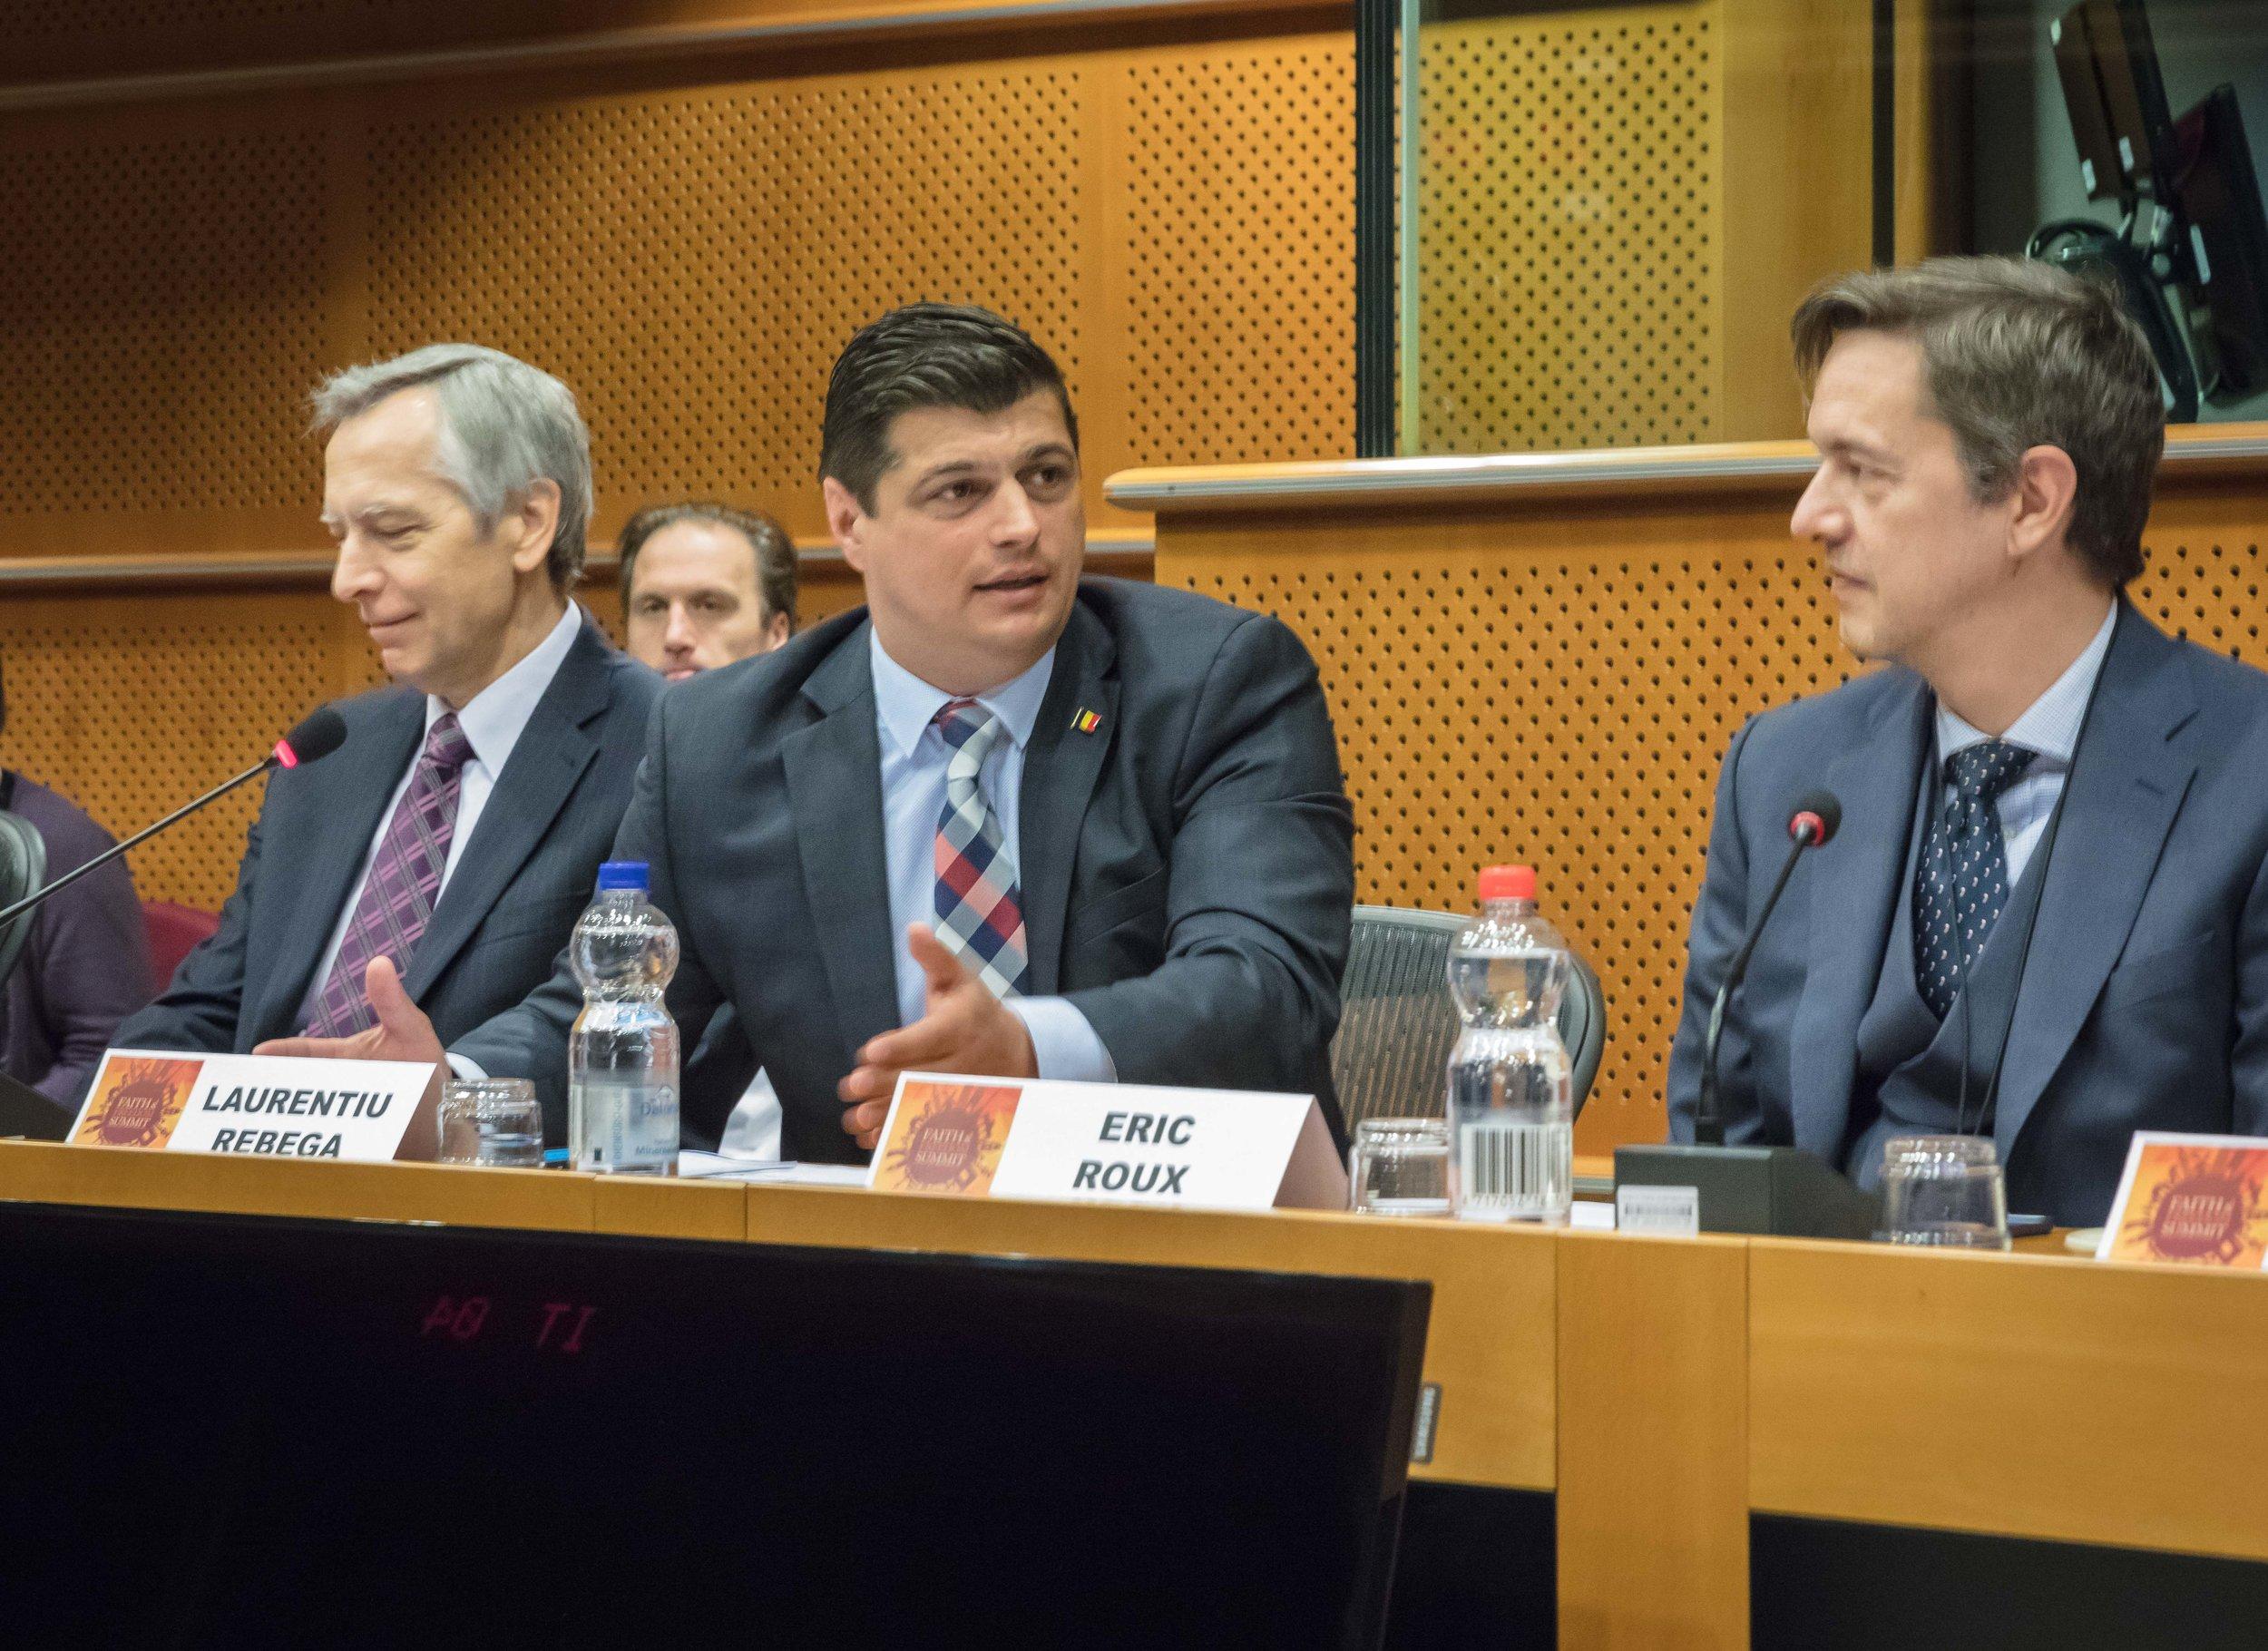 Laurentiu Rebega MEP